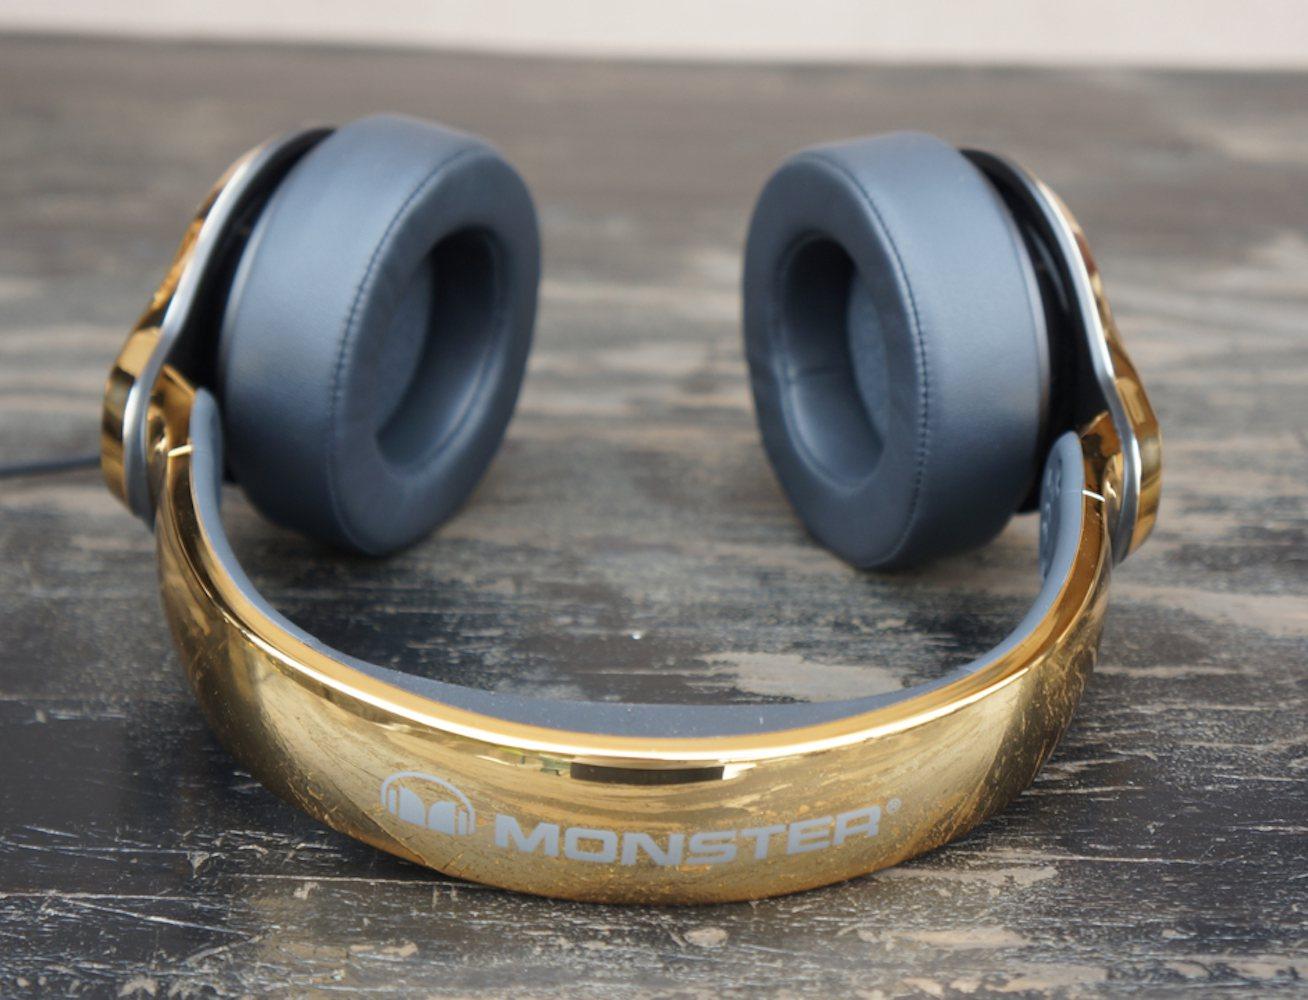 monster-24k-over-ear-headphones-05